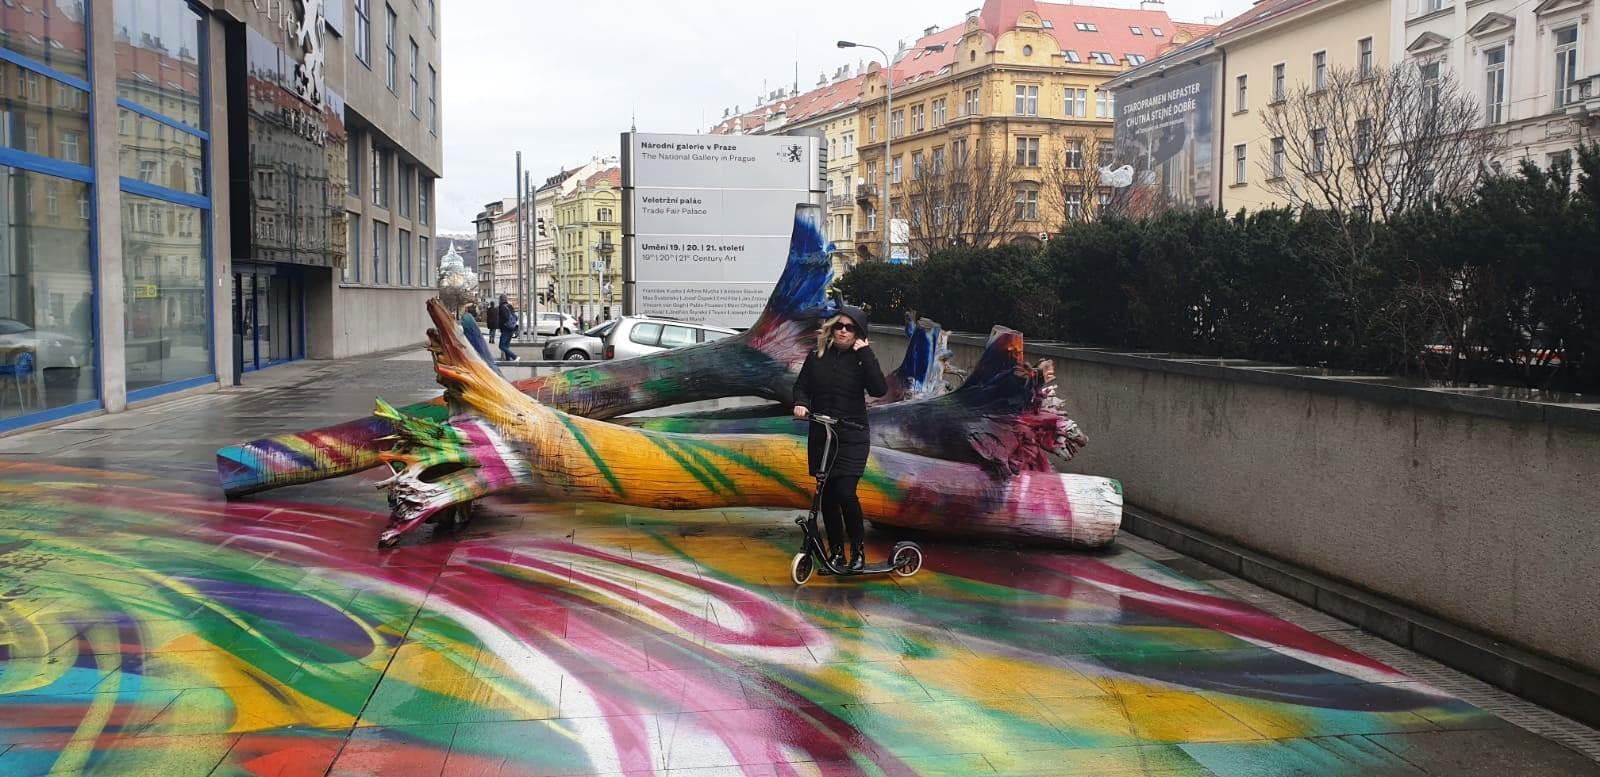 7 érdekes dolog, amit Prágában tapasztaltam